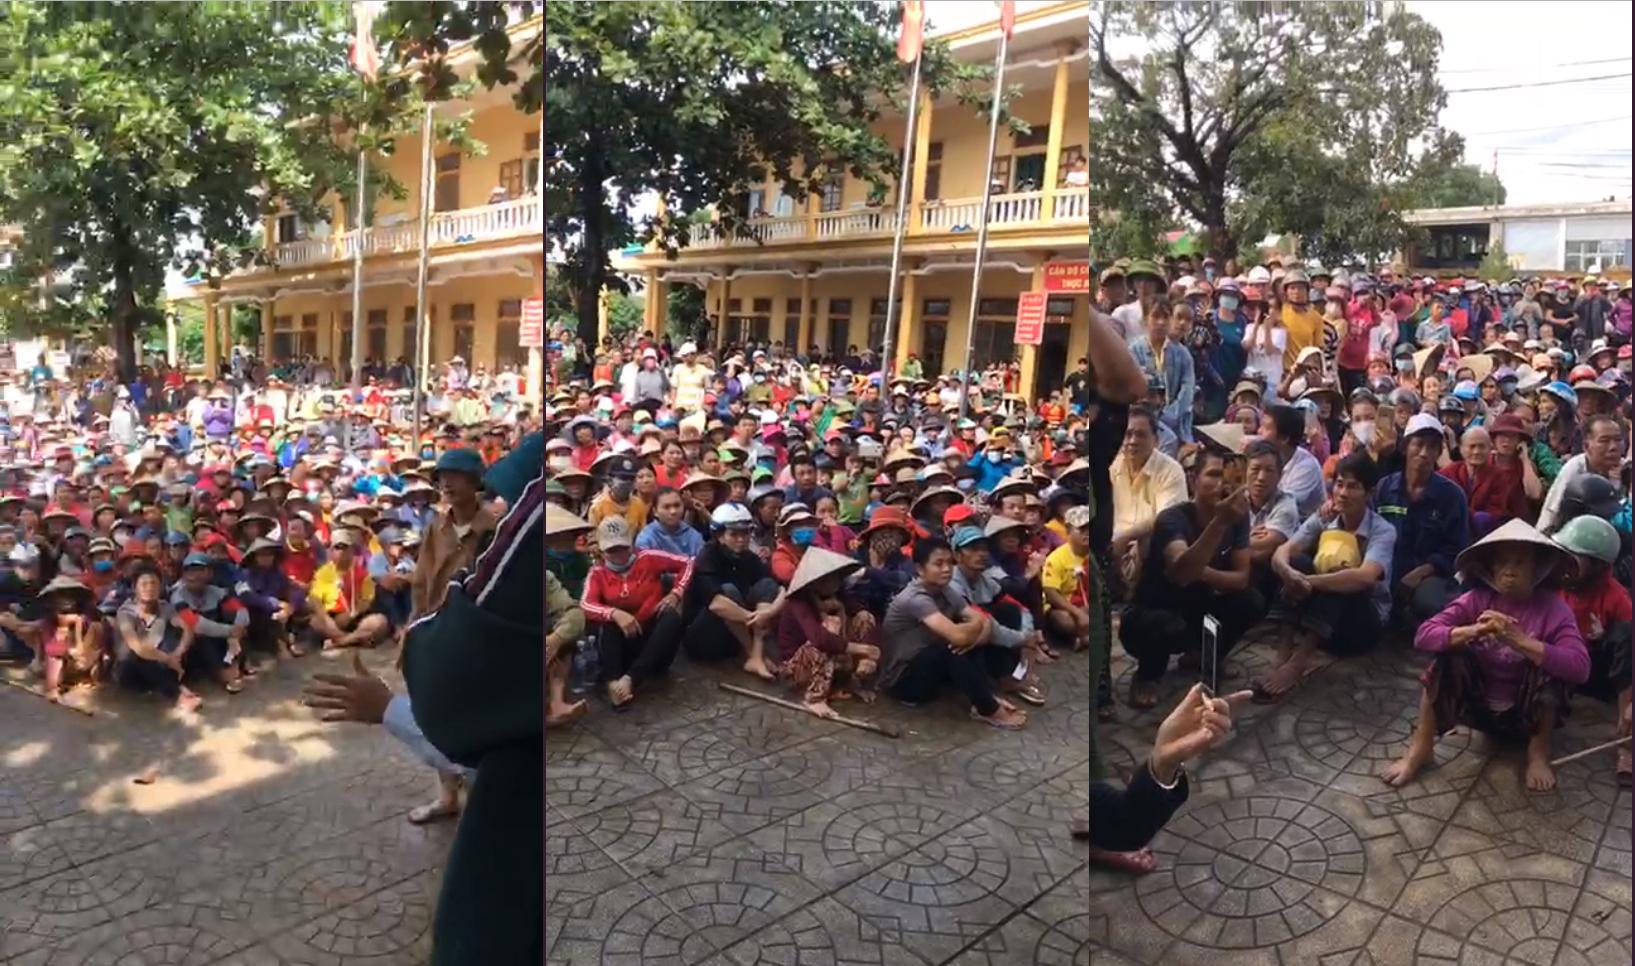 Theo chia sẻ của cán bộ địa phương, từ 7h sáng, người dân đã tập trung đông đủ để đợi viện trợ